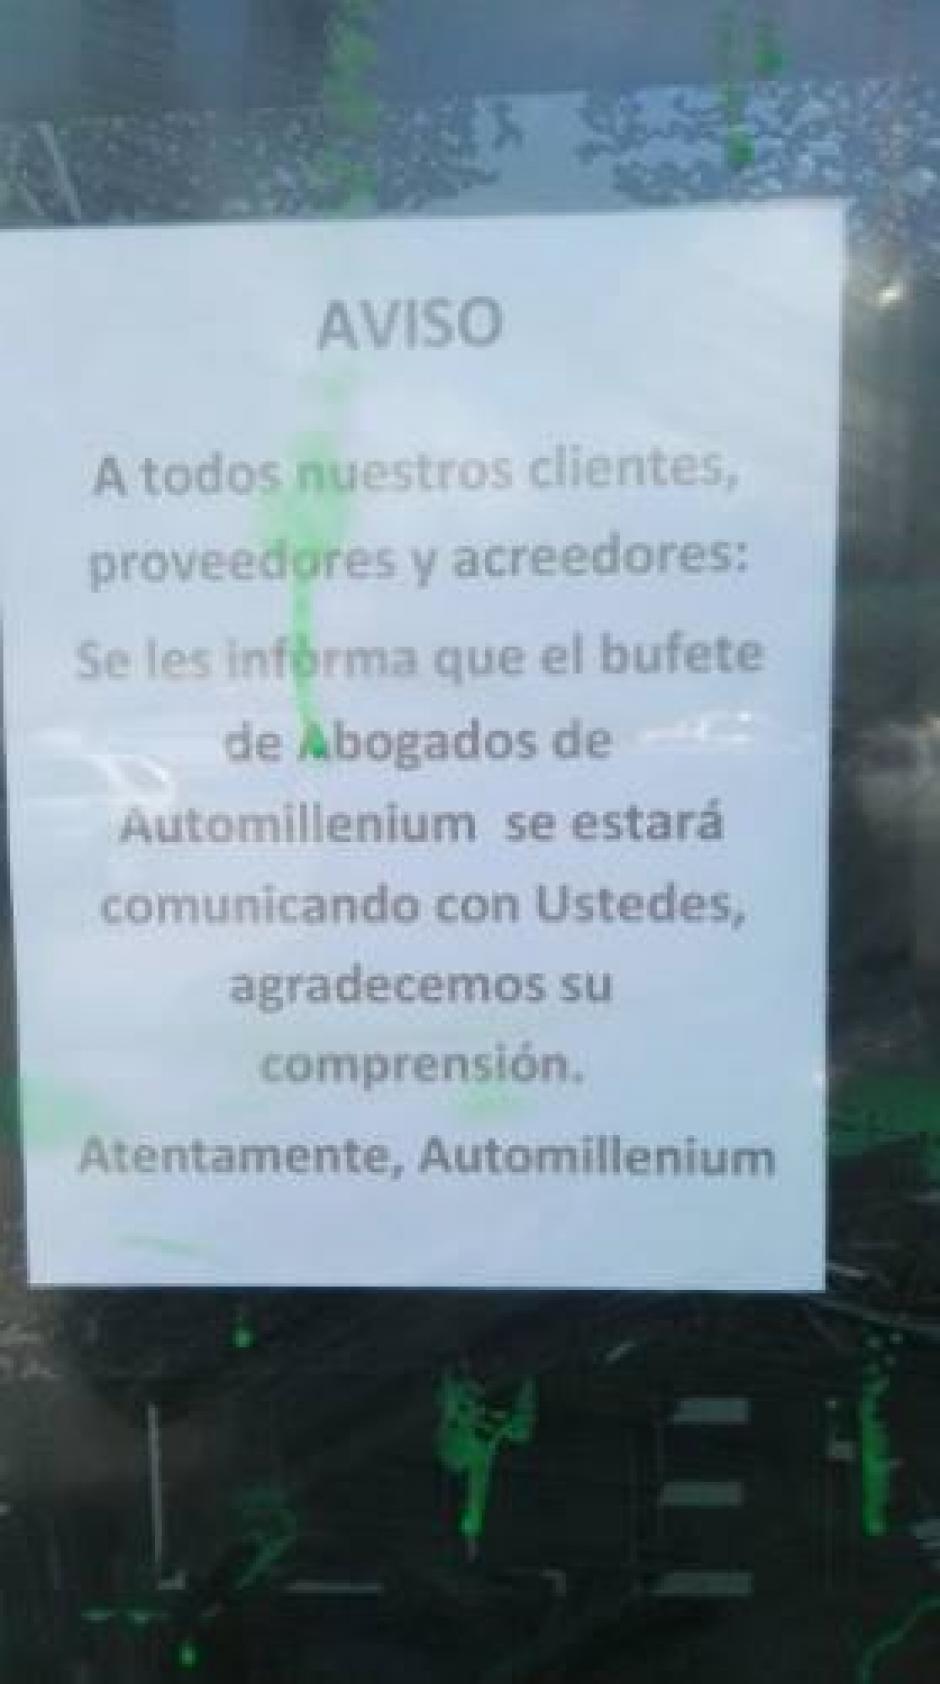 Por parte de la empresa colocaron un anuncio que sus abogados se pondrán en contacto con los propietarios de los vehículos. (Foto: Facebook)